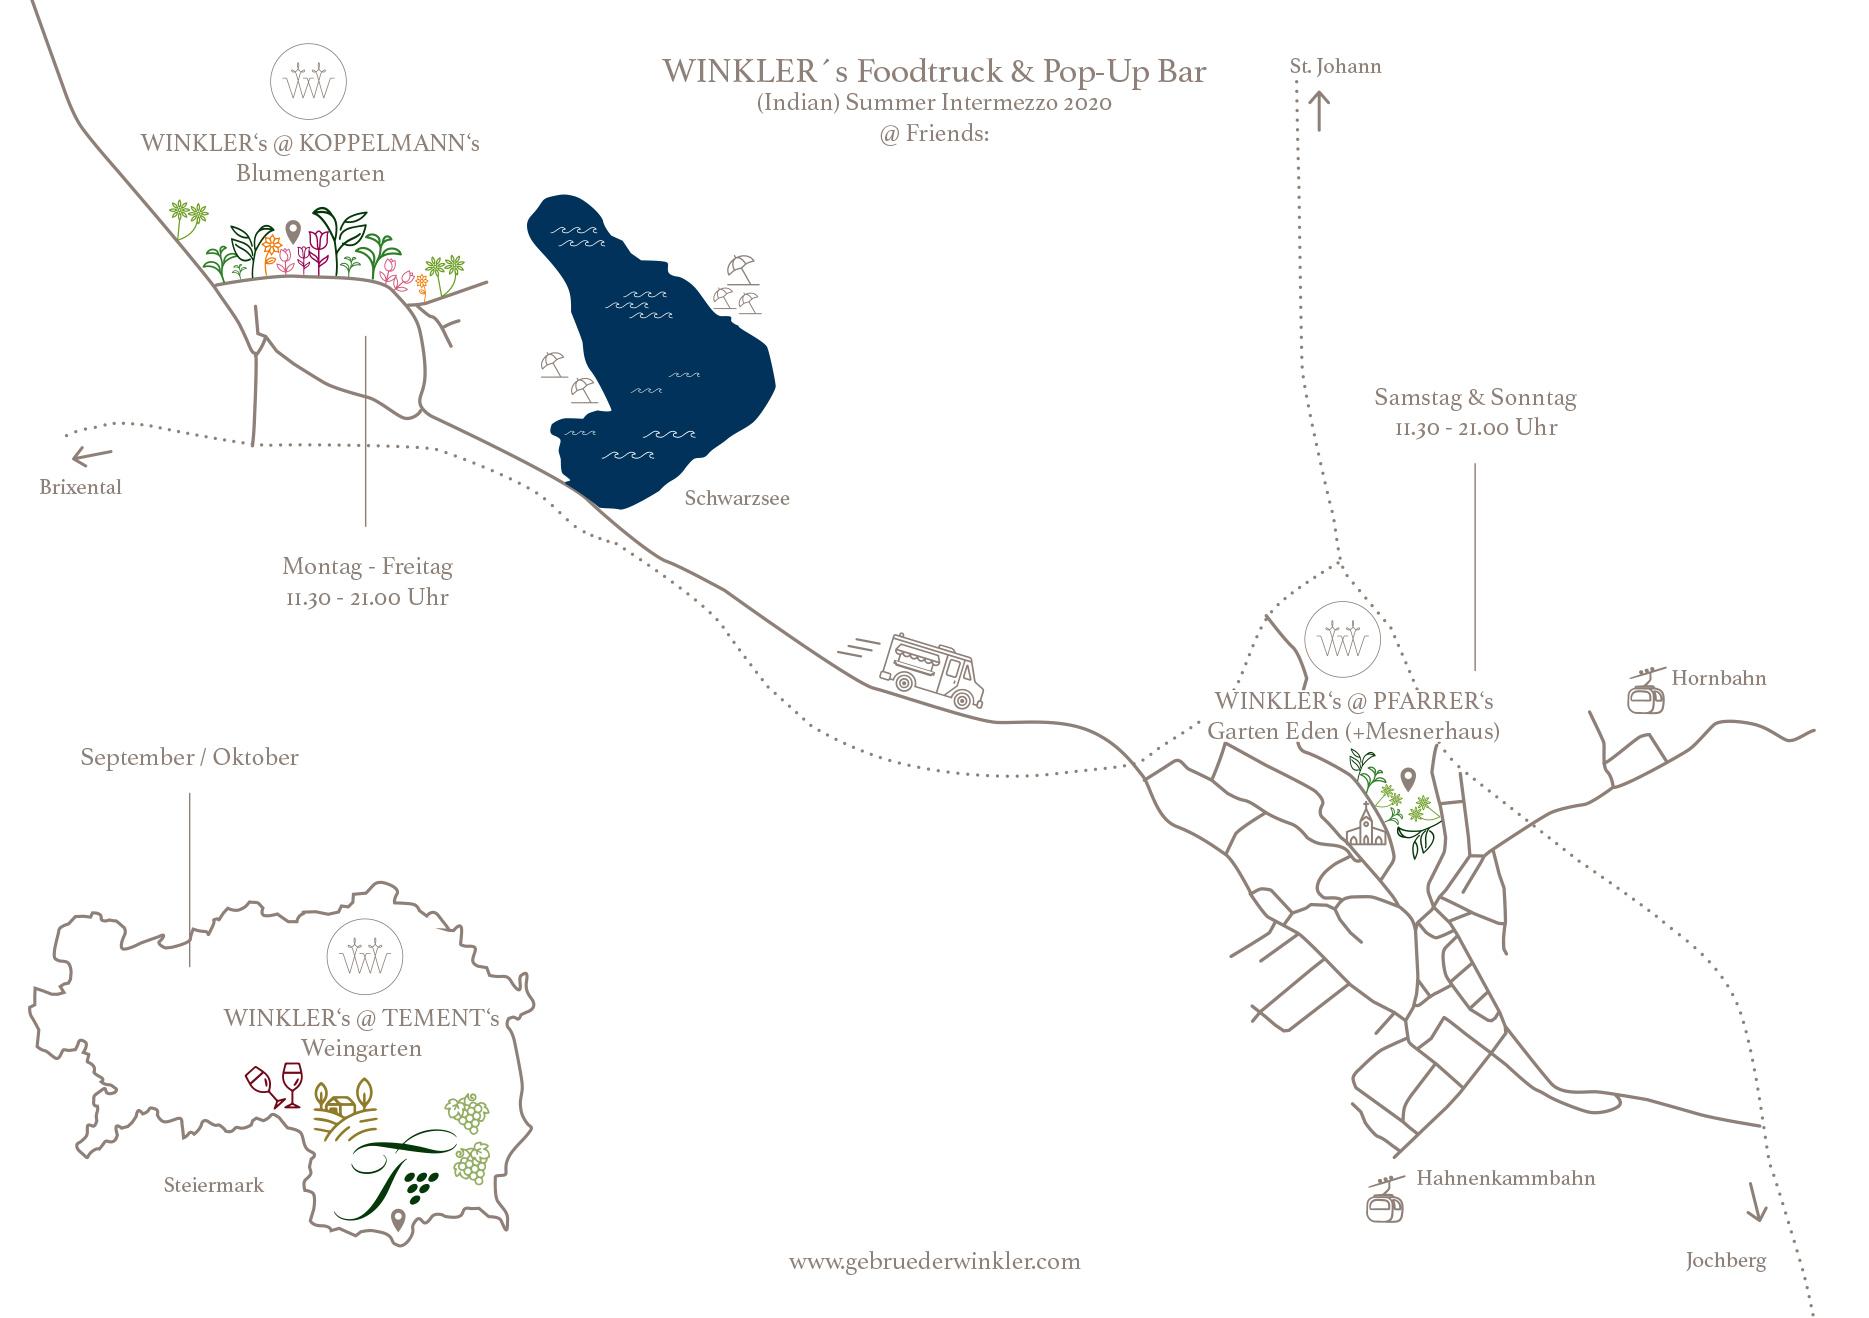 Gebrueder_Winkler_Foodtruck_Lageplan